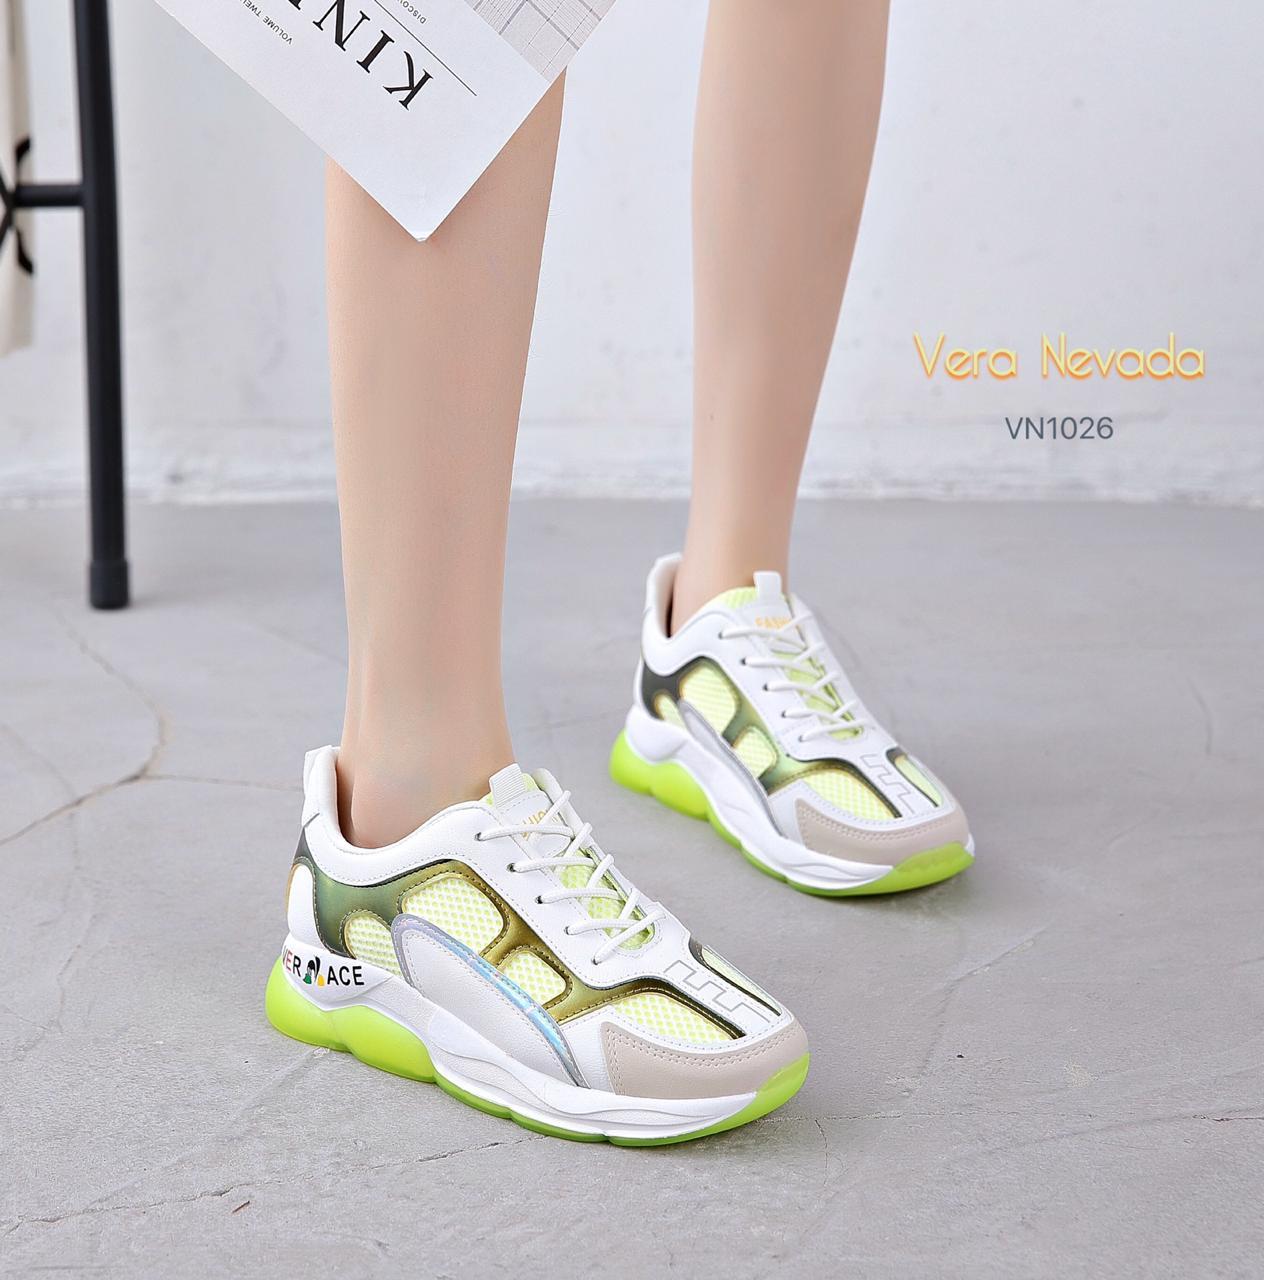 Sepatu Sneakers nevada terbaru 2020 batam VN1026